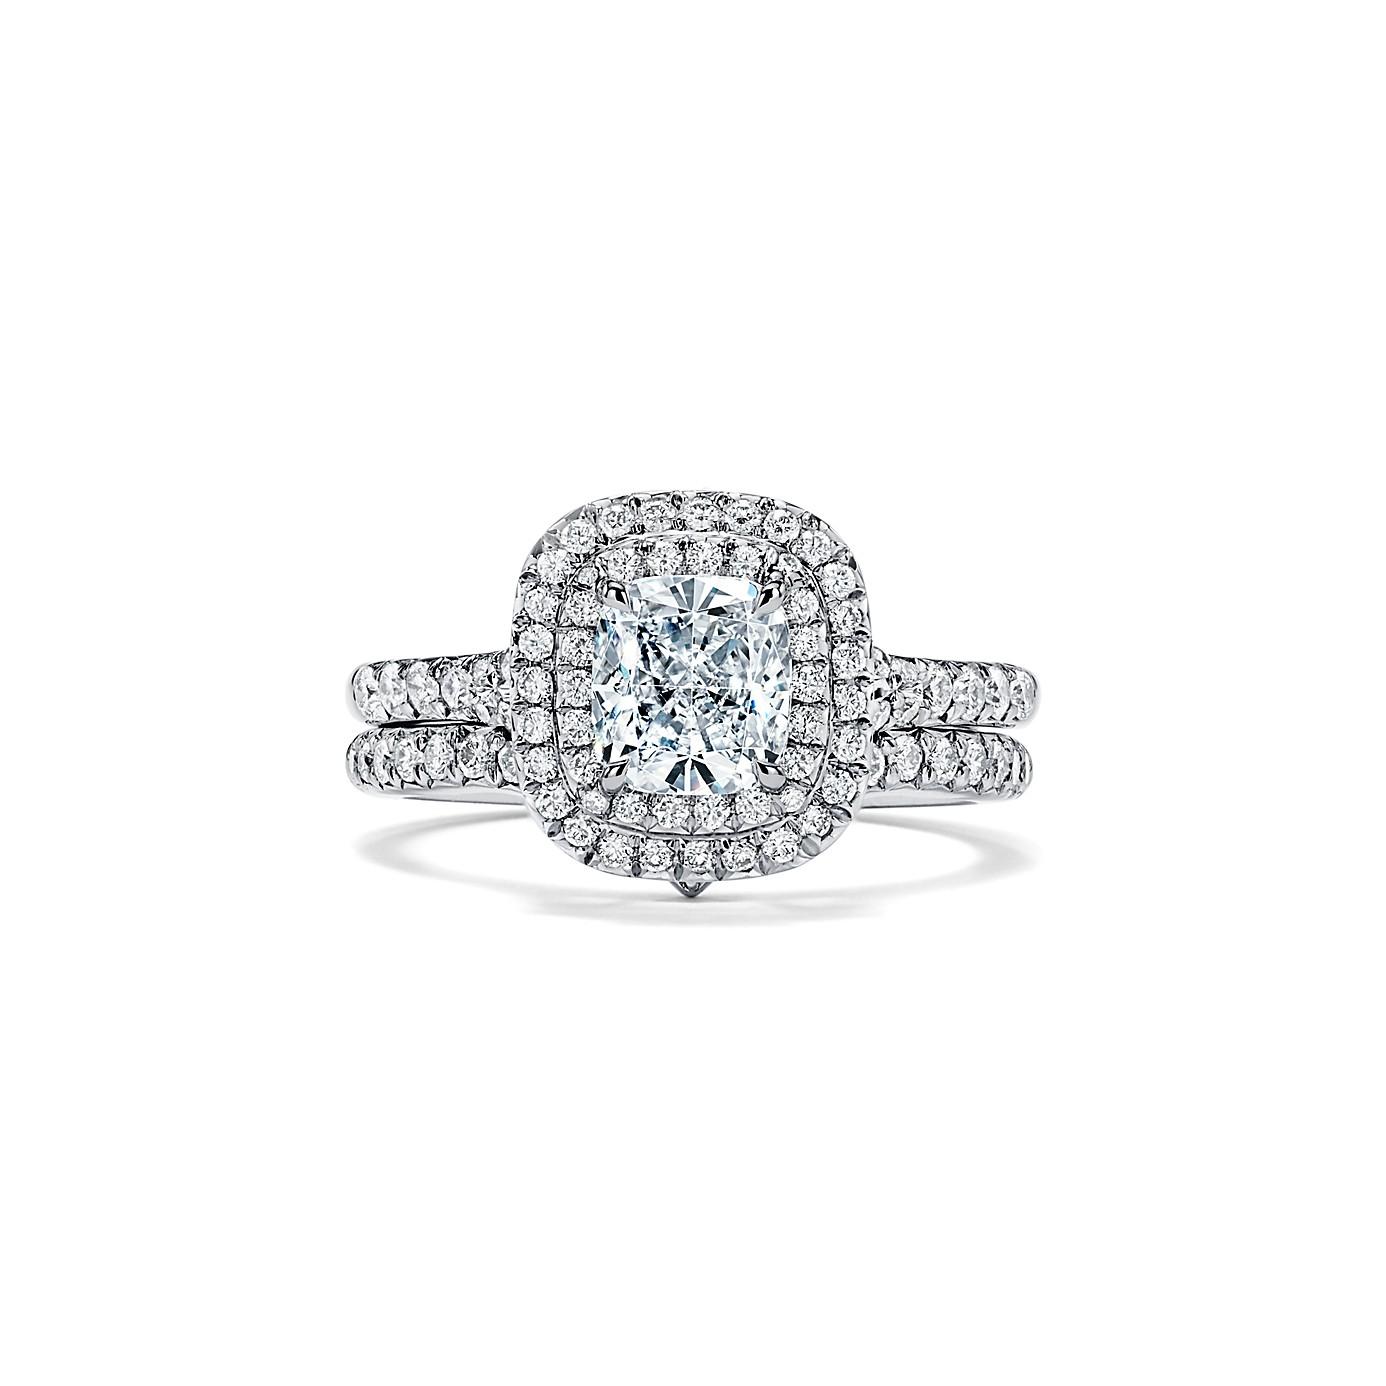 ティファニー ソレスト クッション カット ダブル ハロー エンゲージメント リング(4)―Tiffany & Co.(ティファニー)